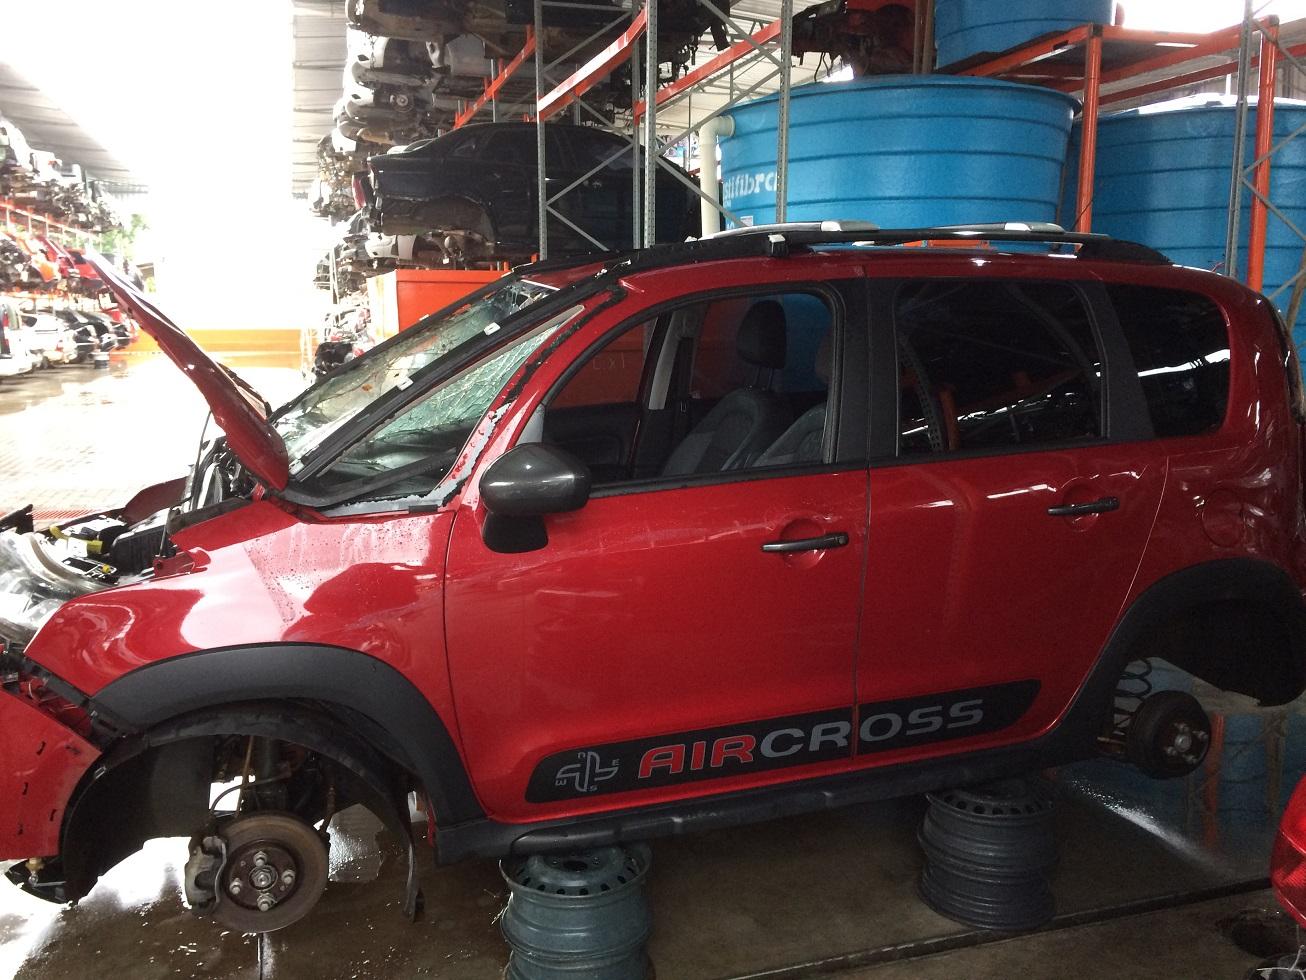 Aircross